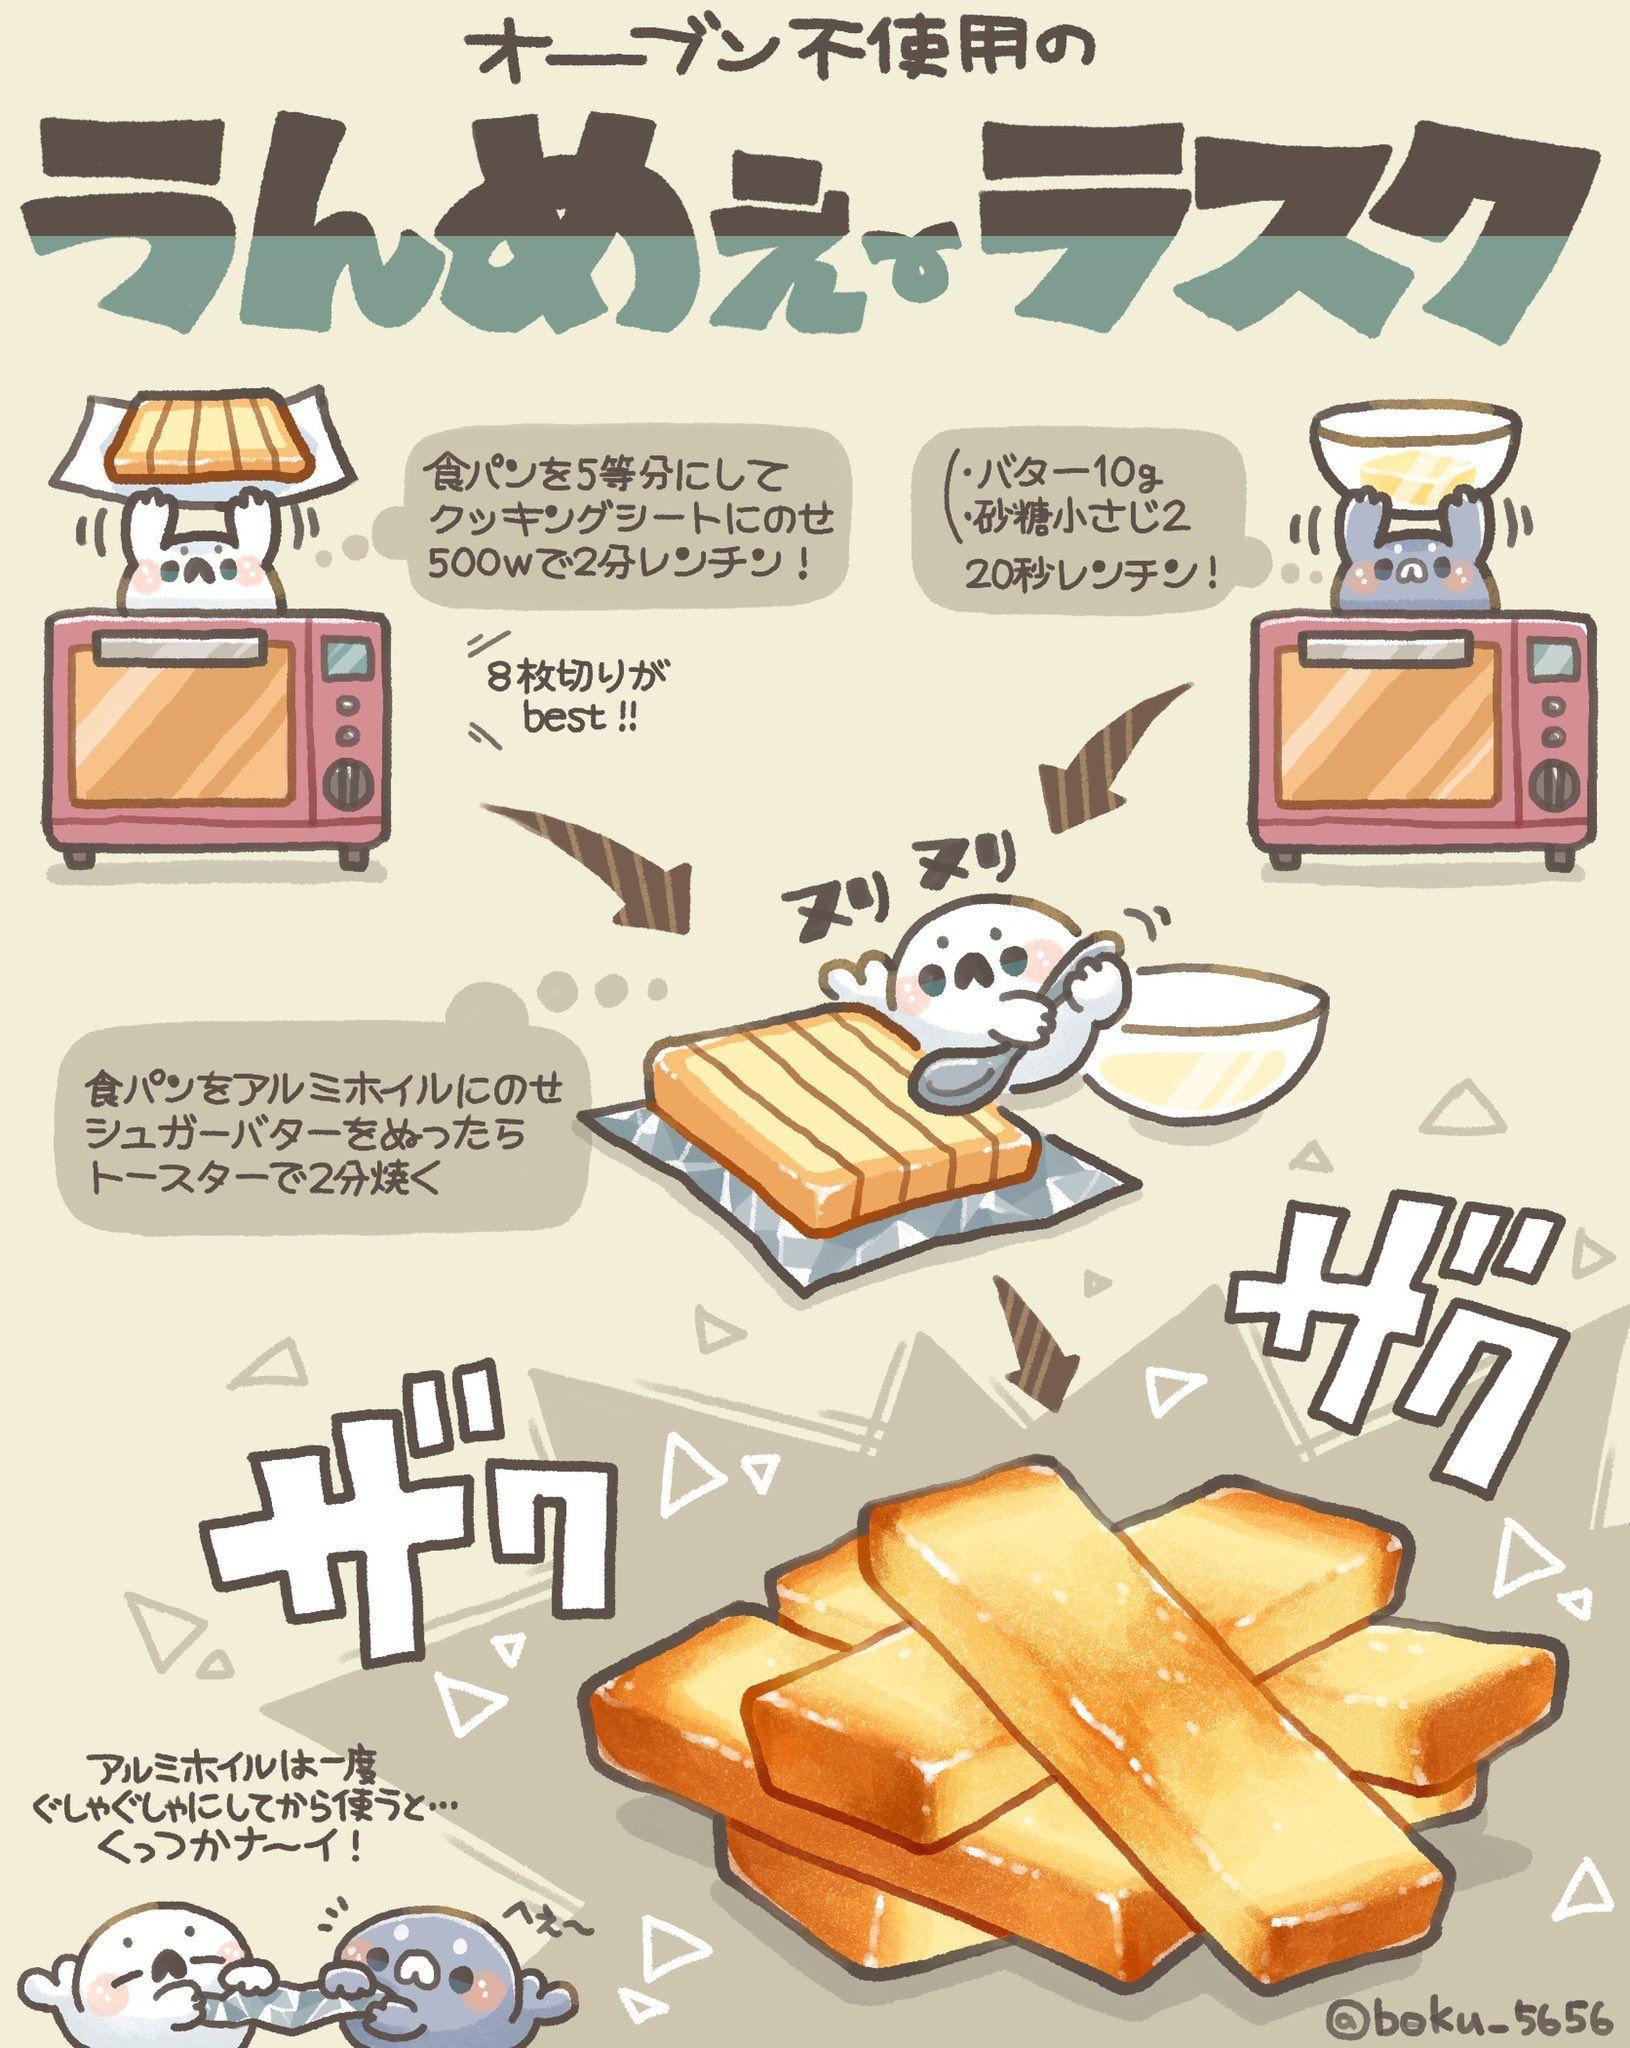 ぼく◓イラスト料理研究家 on Twitter